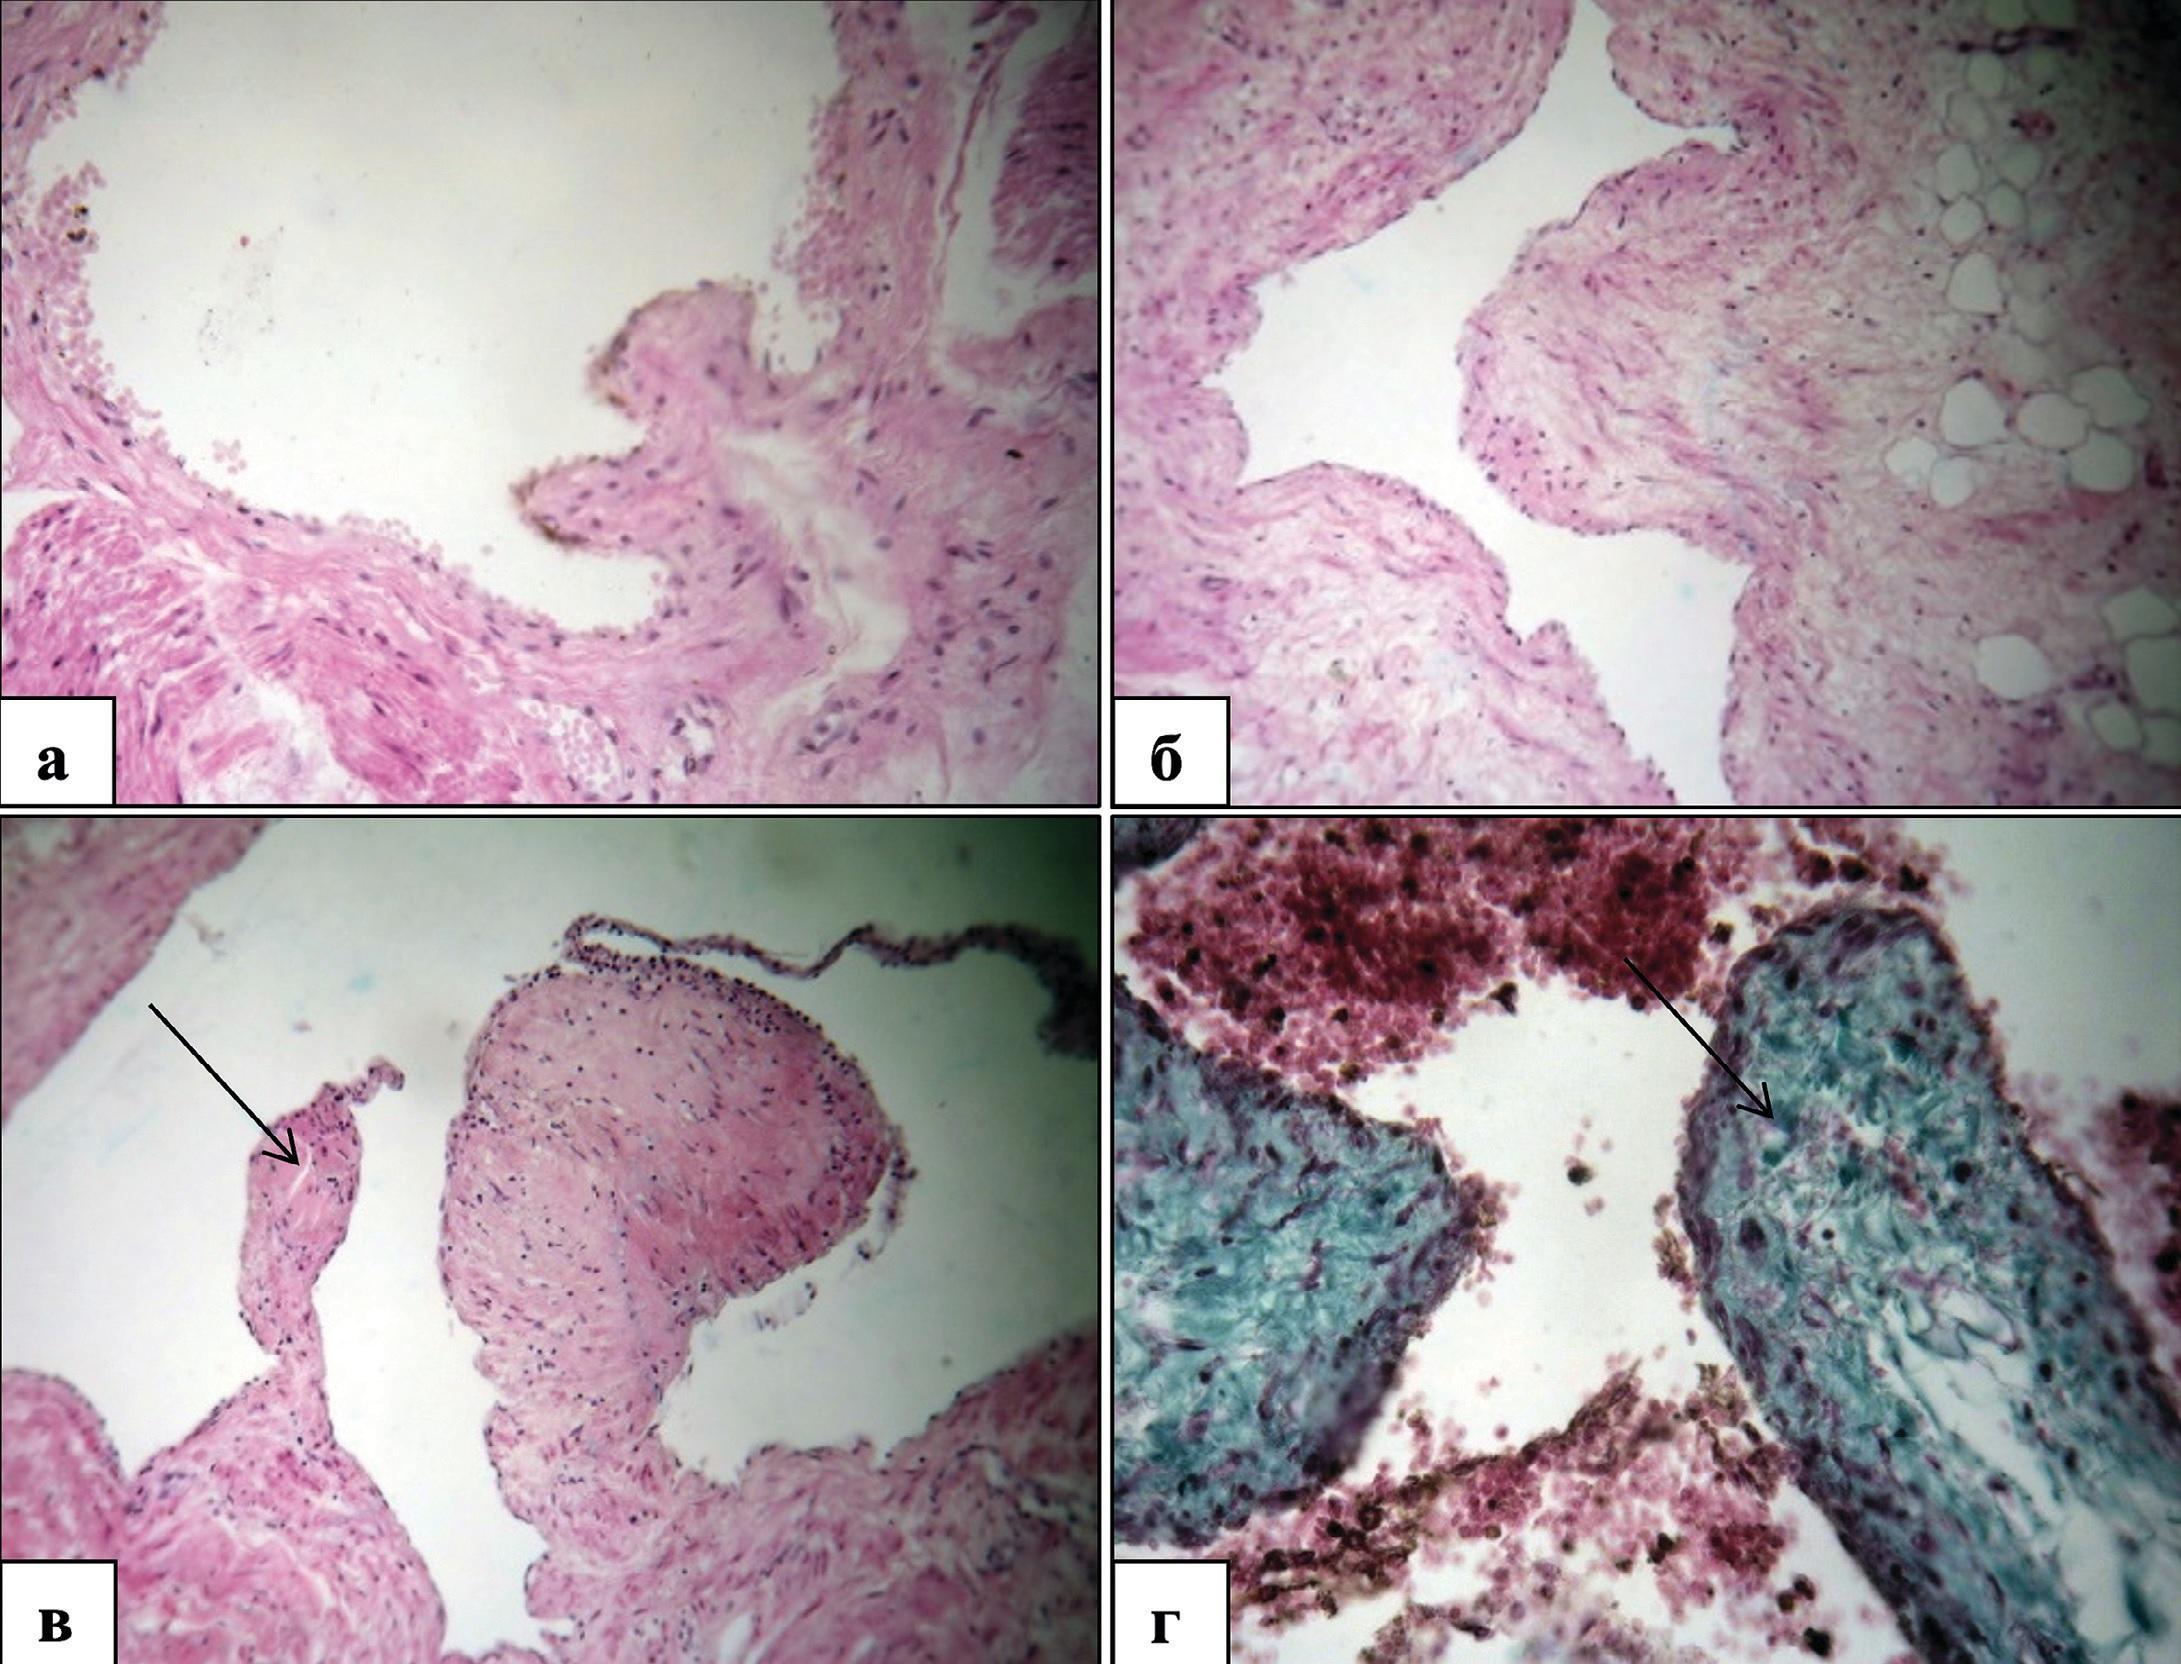 Структурные изменения регуляторных структур венозного русла мочевого пузыря у мужчин пожилого и старческого возраста при декомпенсированной ГП. Окраска гематоксилином и эозином (а,б, в) и по Массону (г)